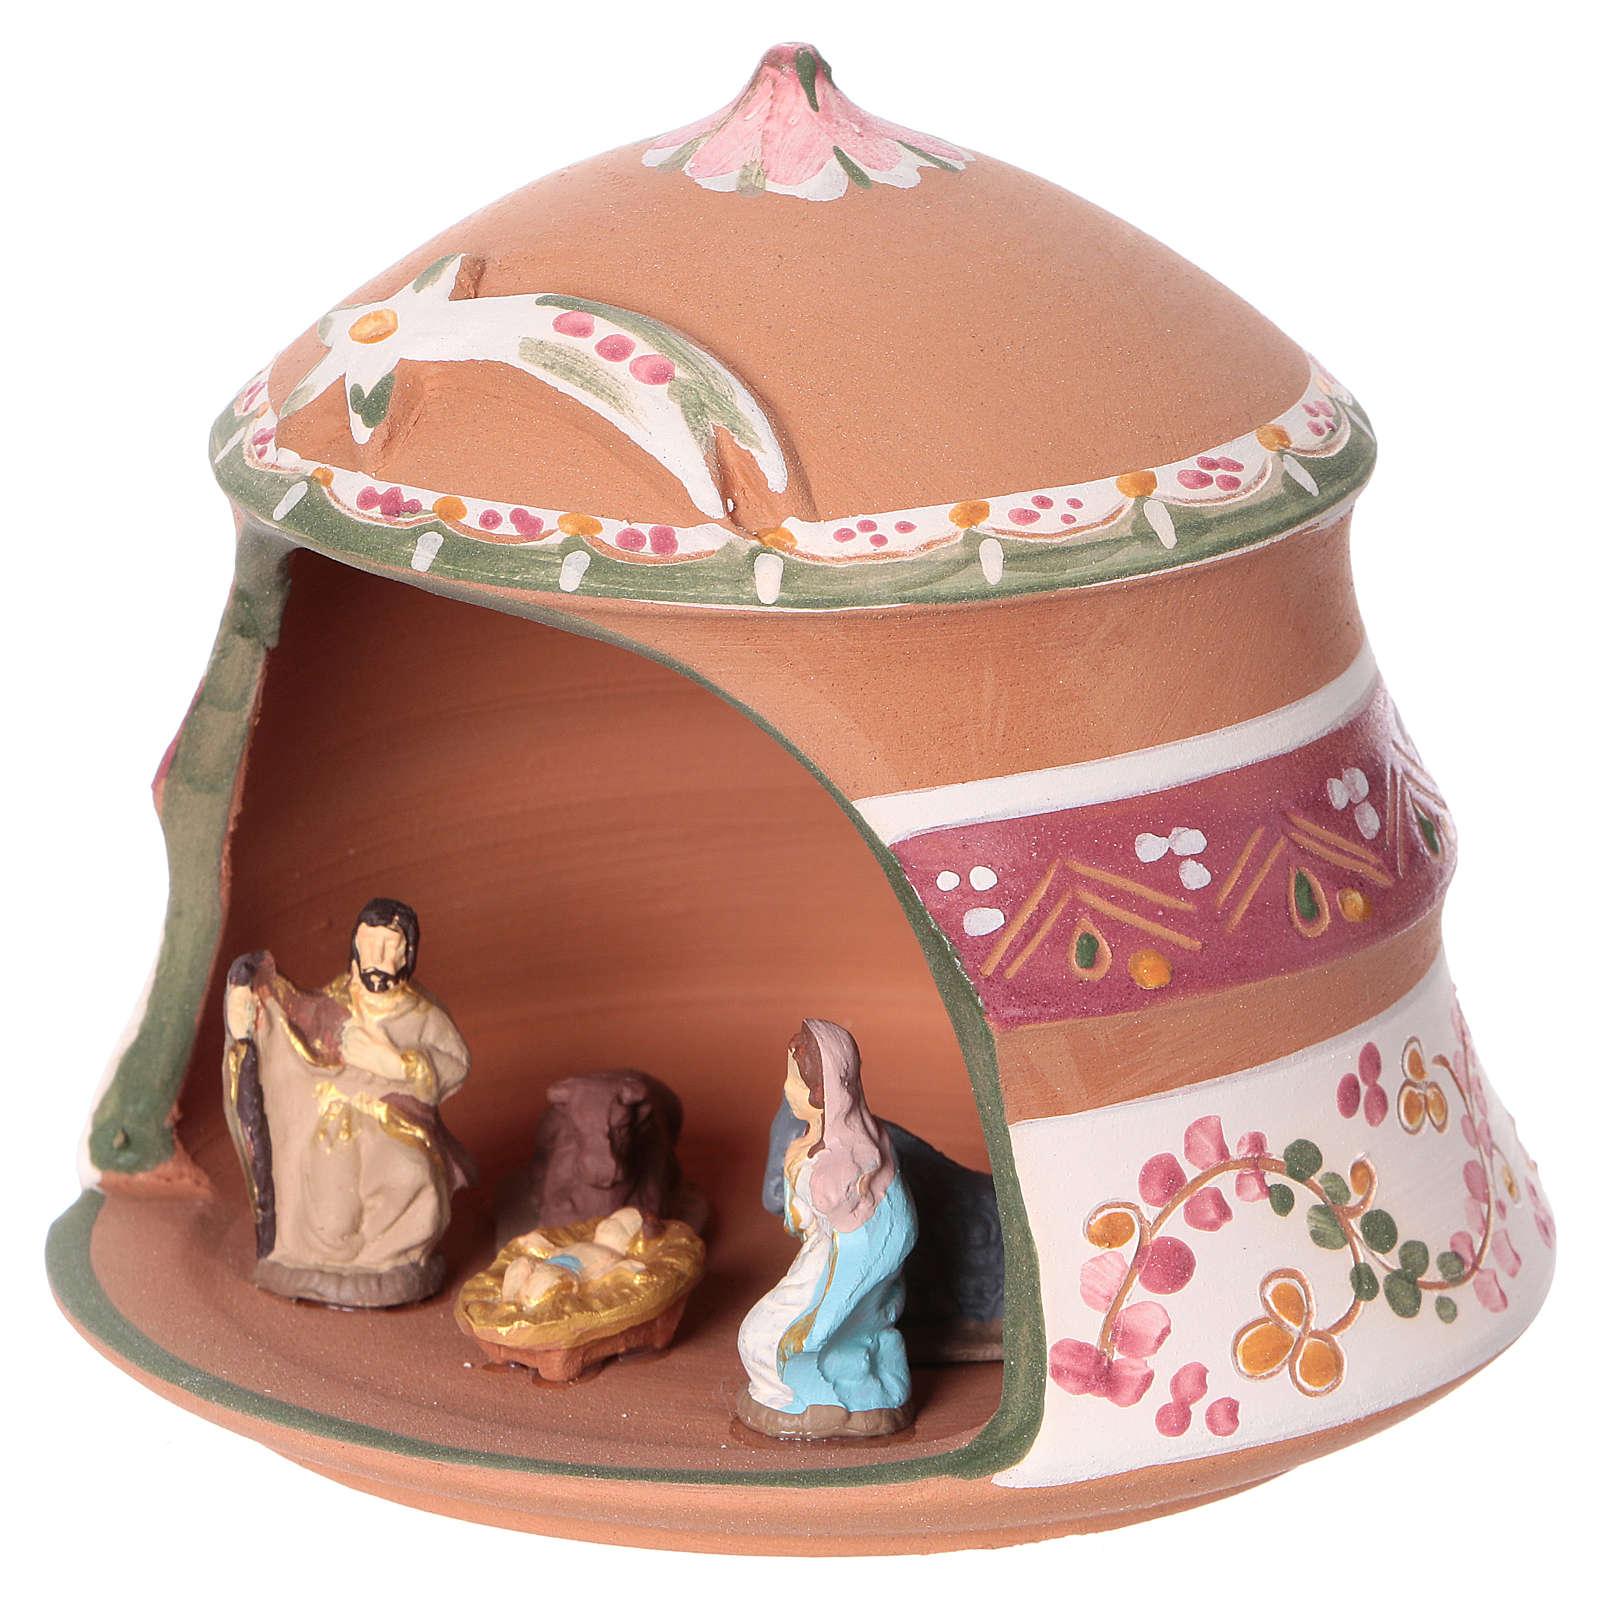 Cabaña con natividad 4 cm de terracota Deruta con decoraciones rosas 10x15x15 cm 4